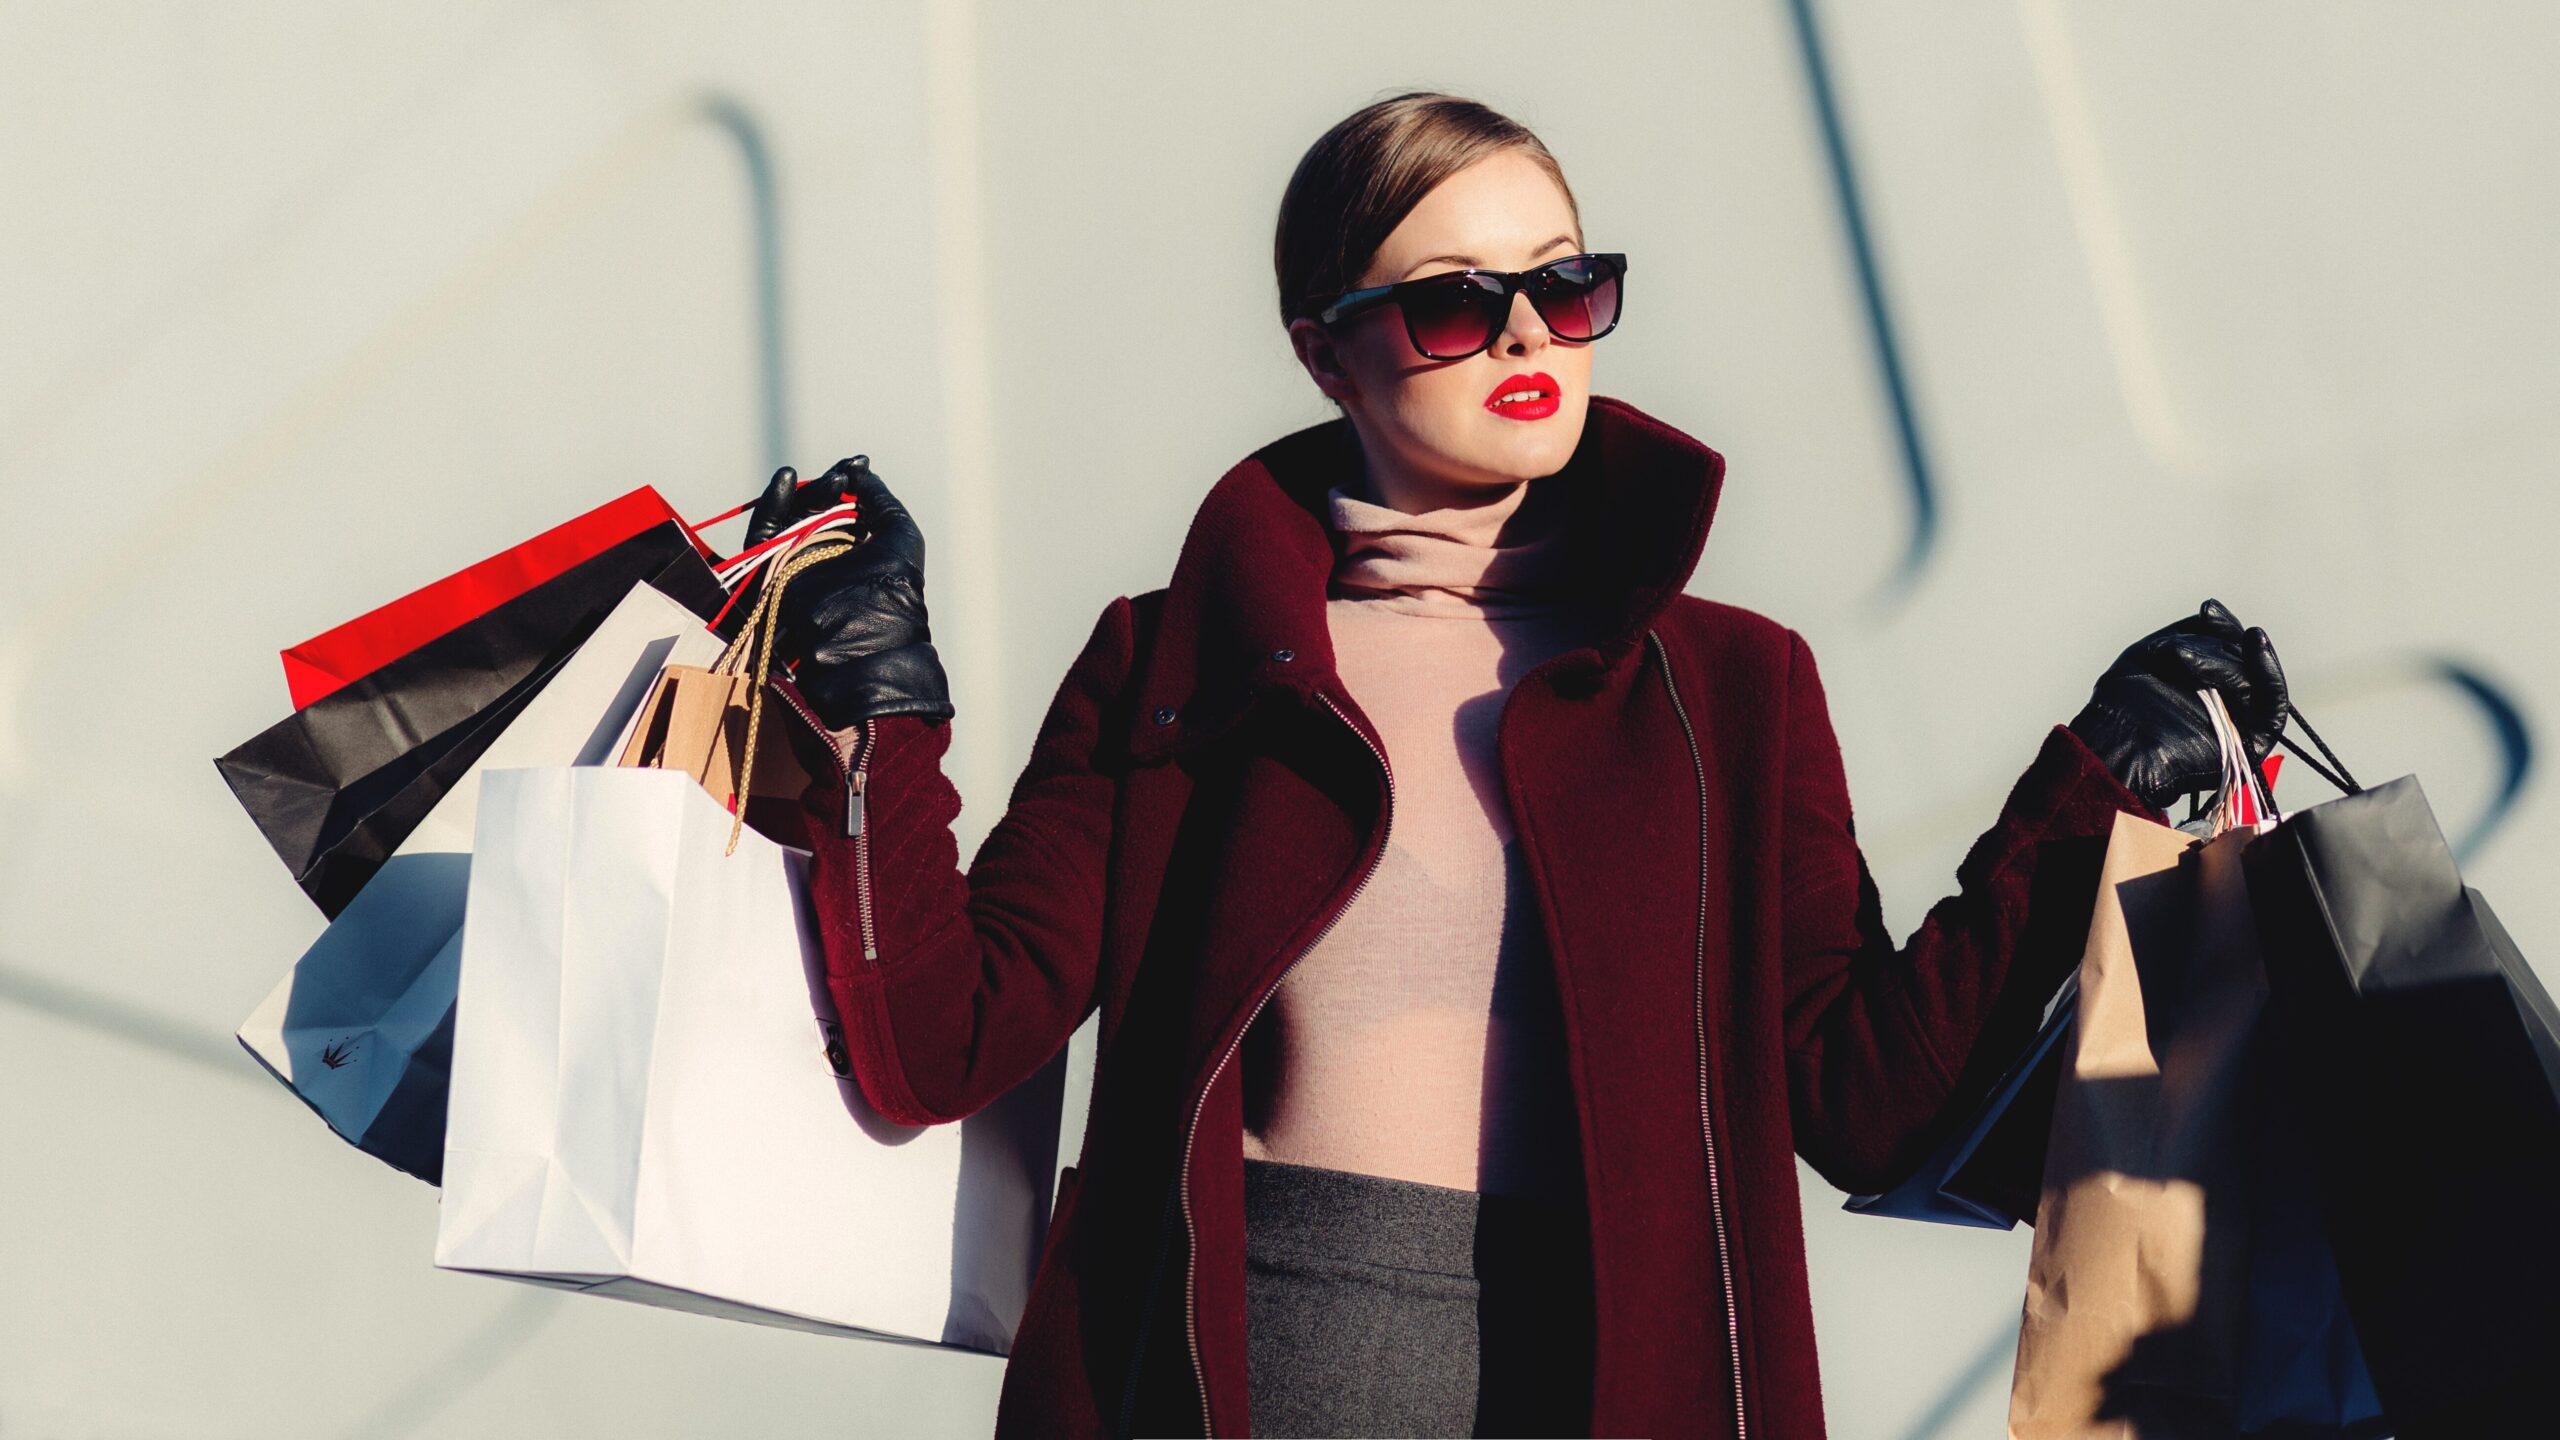 negozi online di abbigliamento